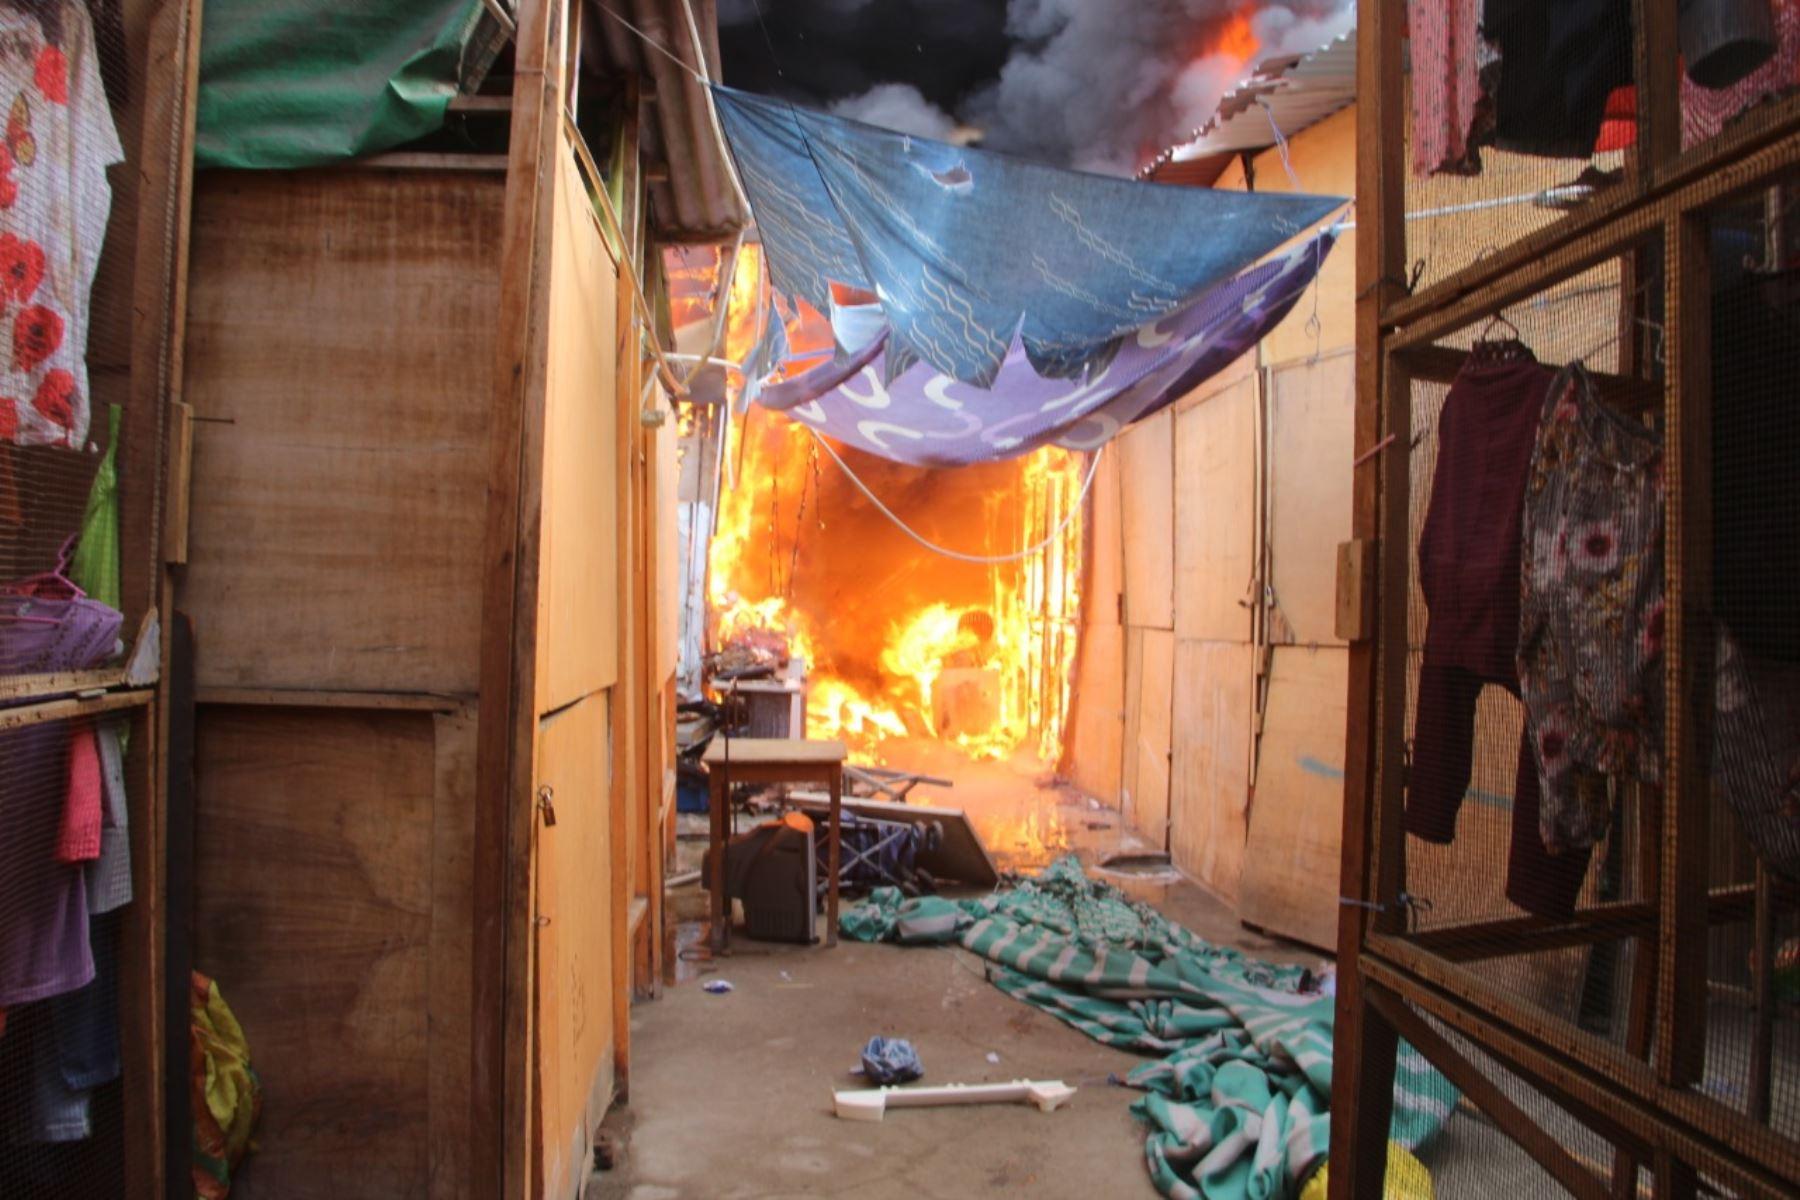 """Bomberos luchan contra el incendio que consume varios puestos del mercado informal """"La cachina"""" de Chimbote. Foto: Gonzalo Horna"""